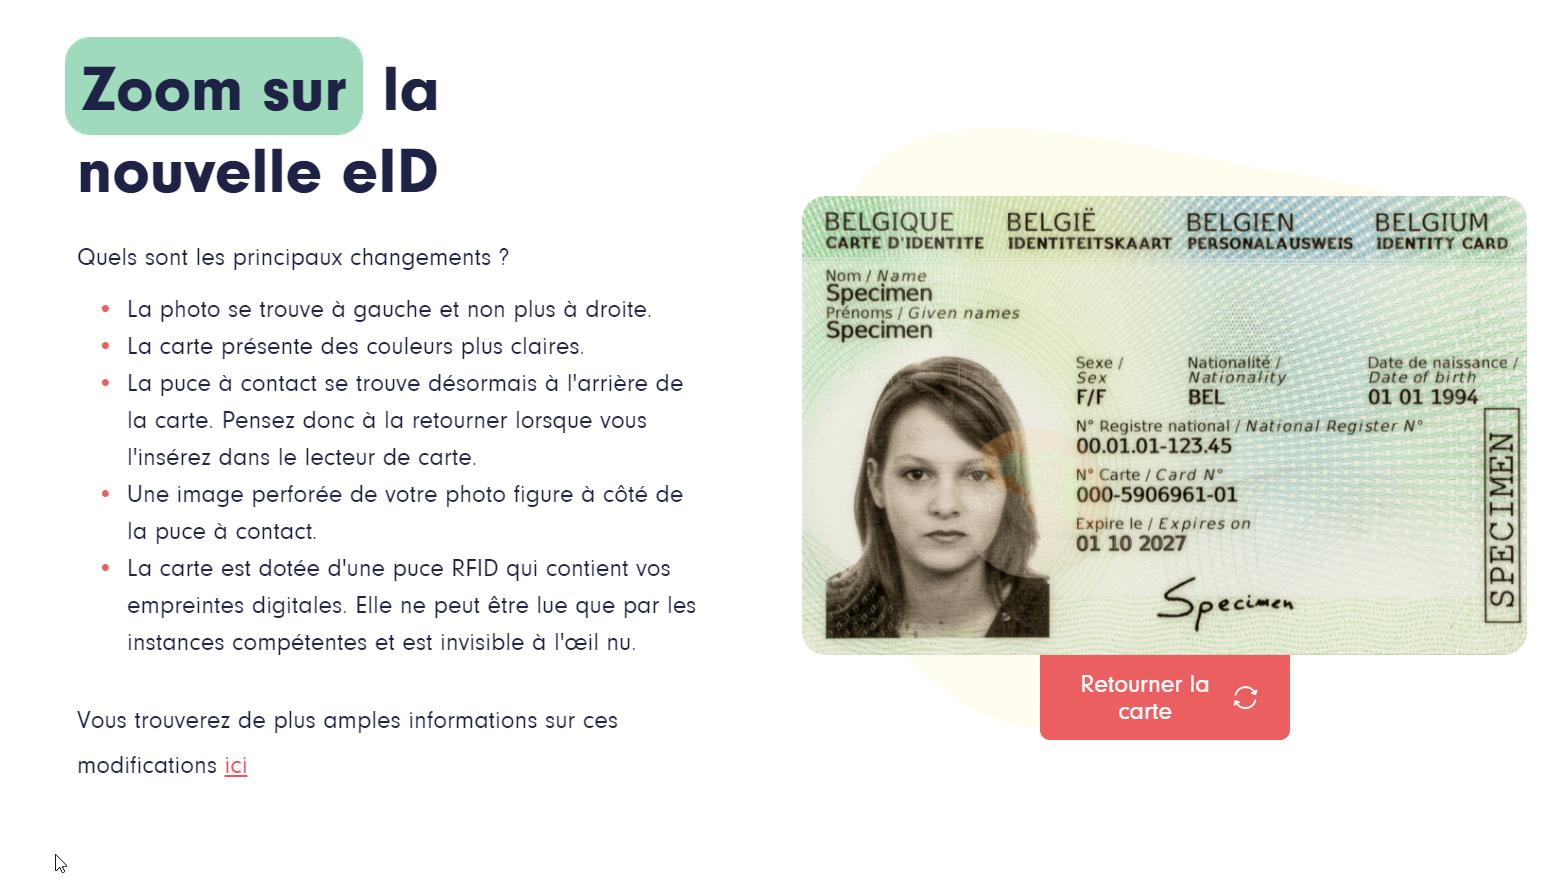 eID new identity card